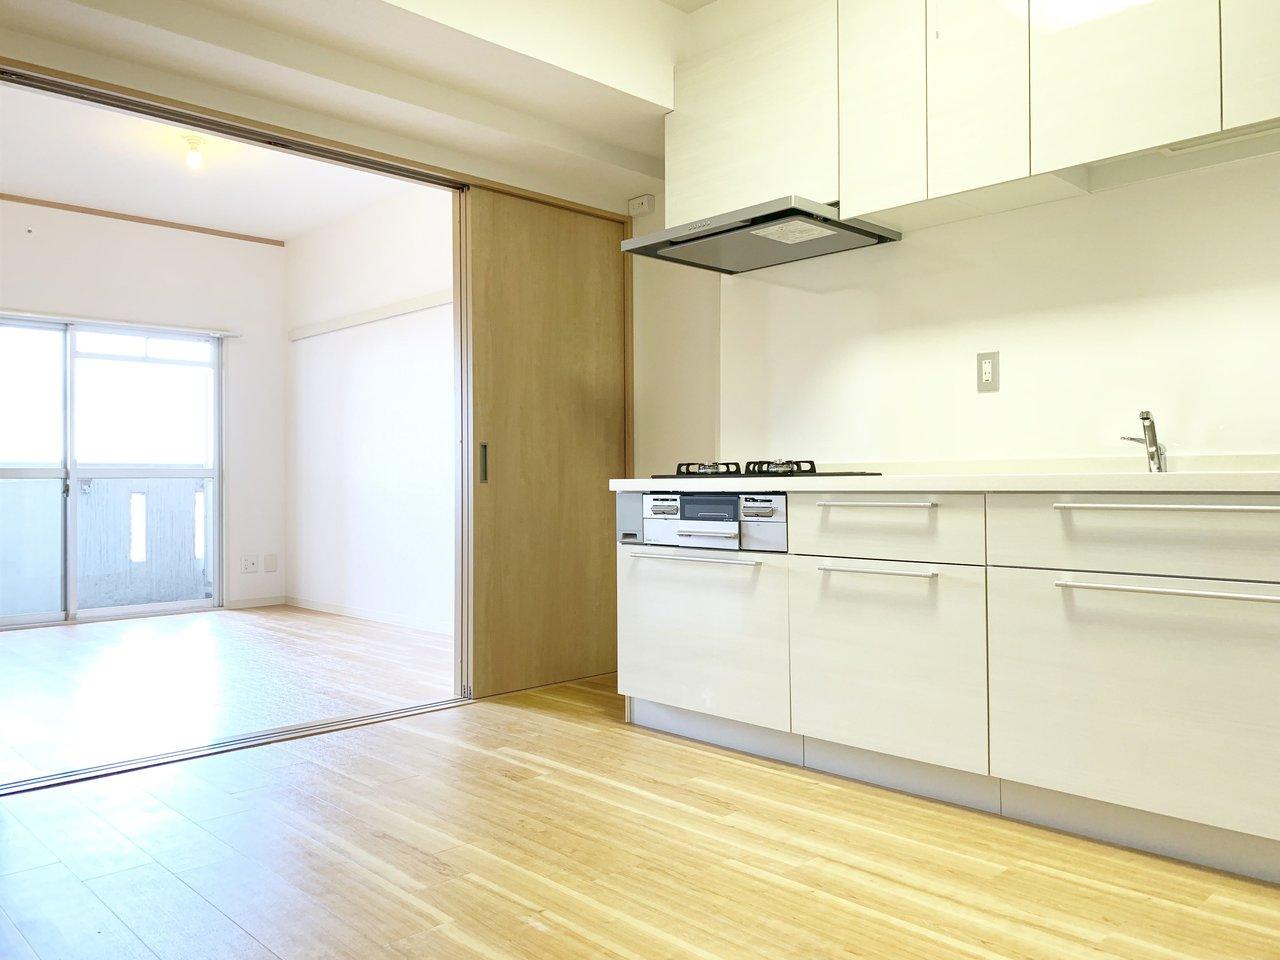 今年リノベーション工事が完了したばかりの1DKのお部屋です。和室が洋室に替えられ、キッチンやバスルーム、洗面台が新品になっています。